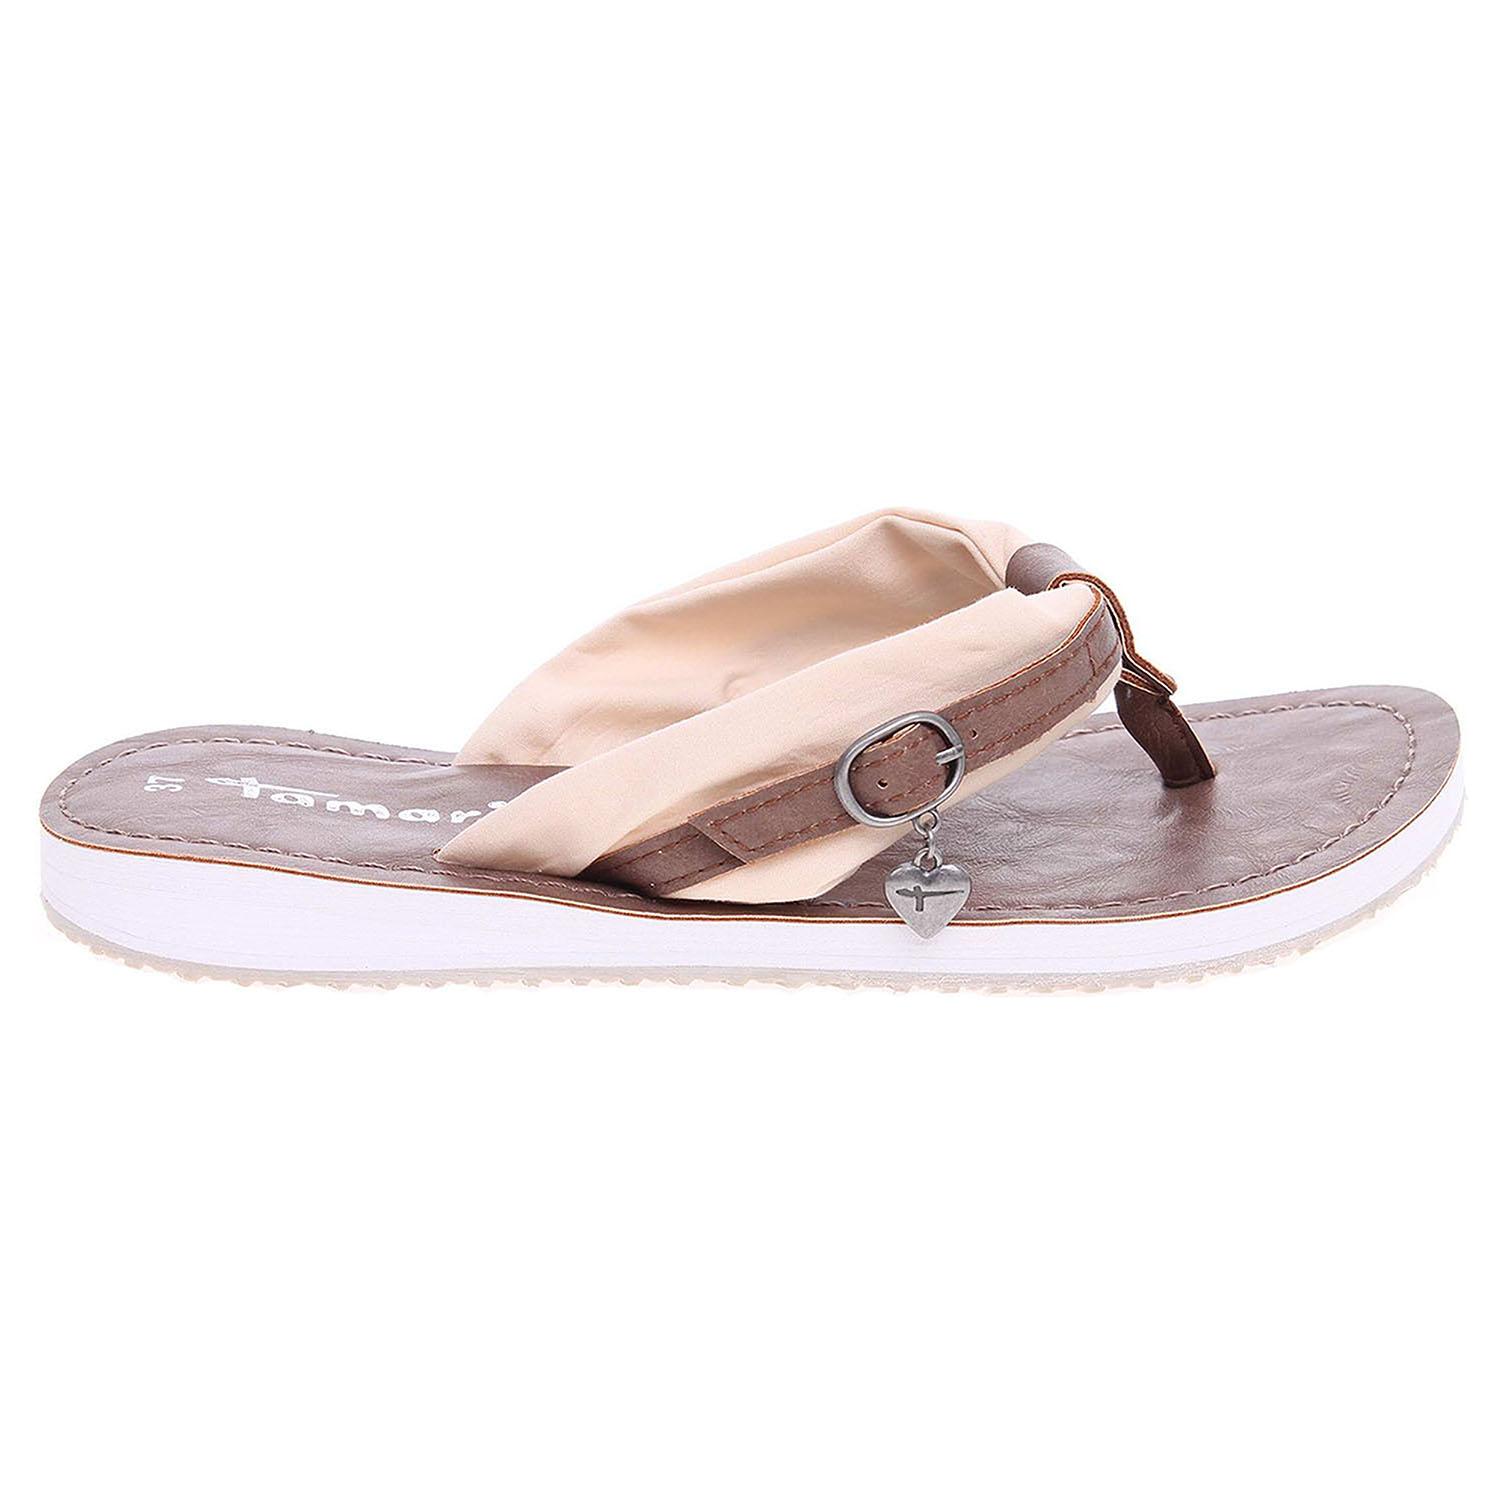 Ecco Tamaris dámské plážové pantofle 1-27109-28 béžové 23700318